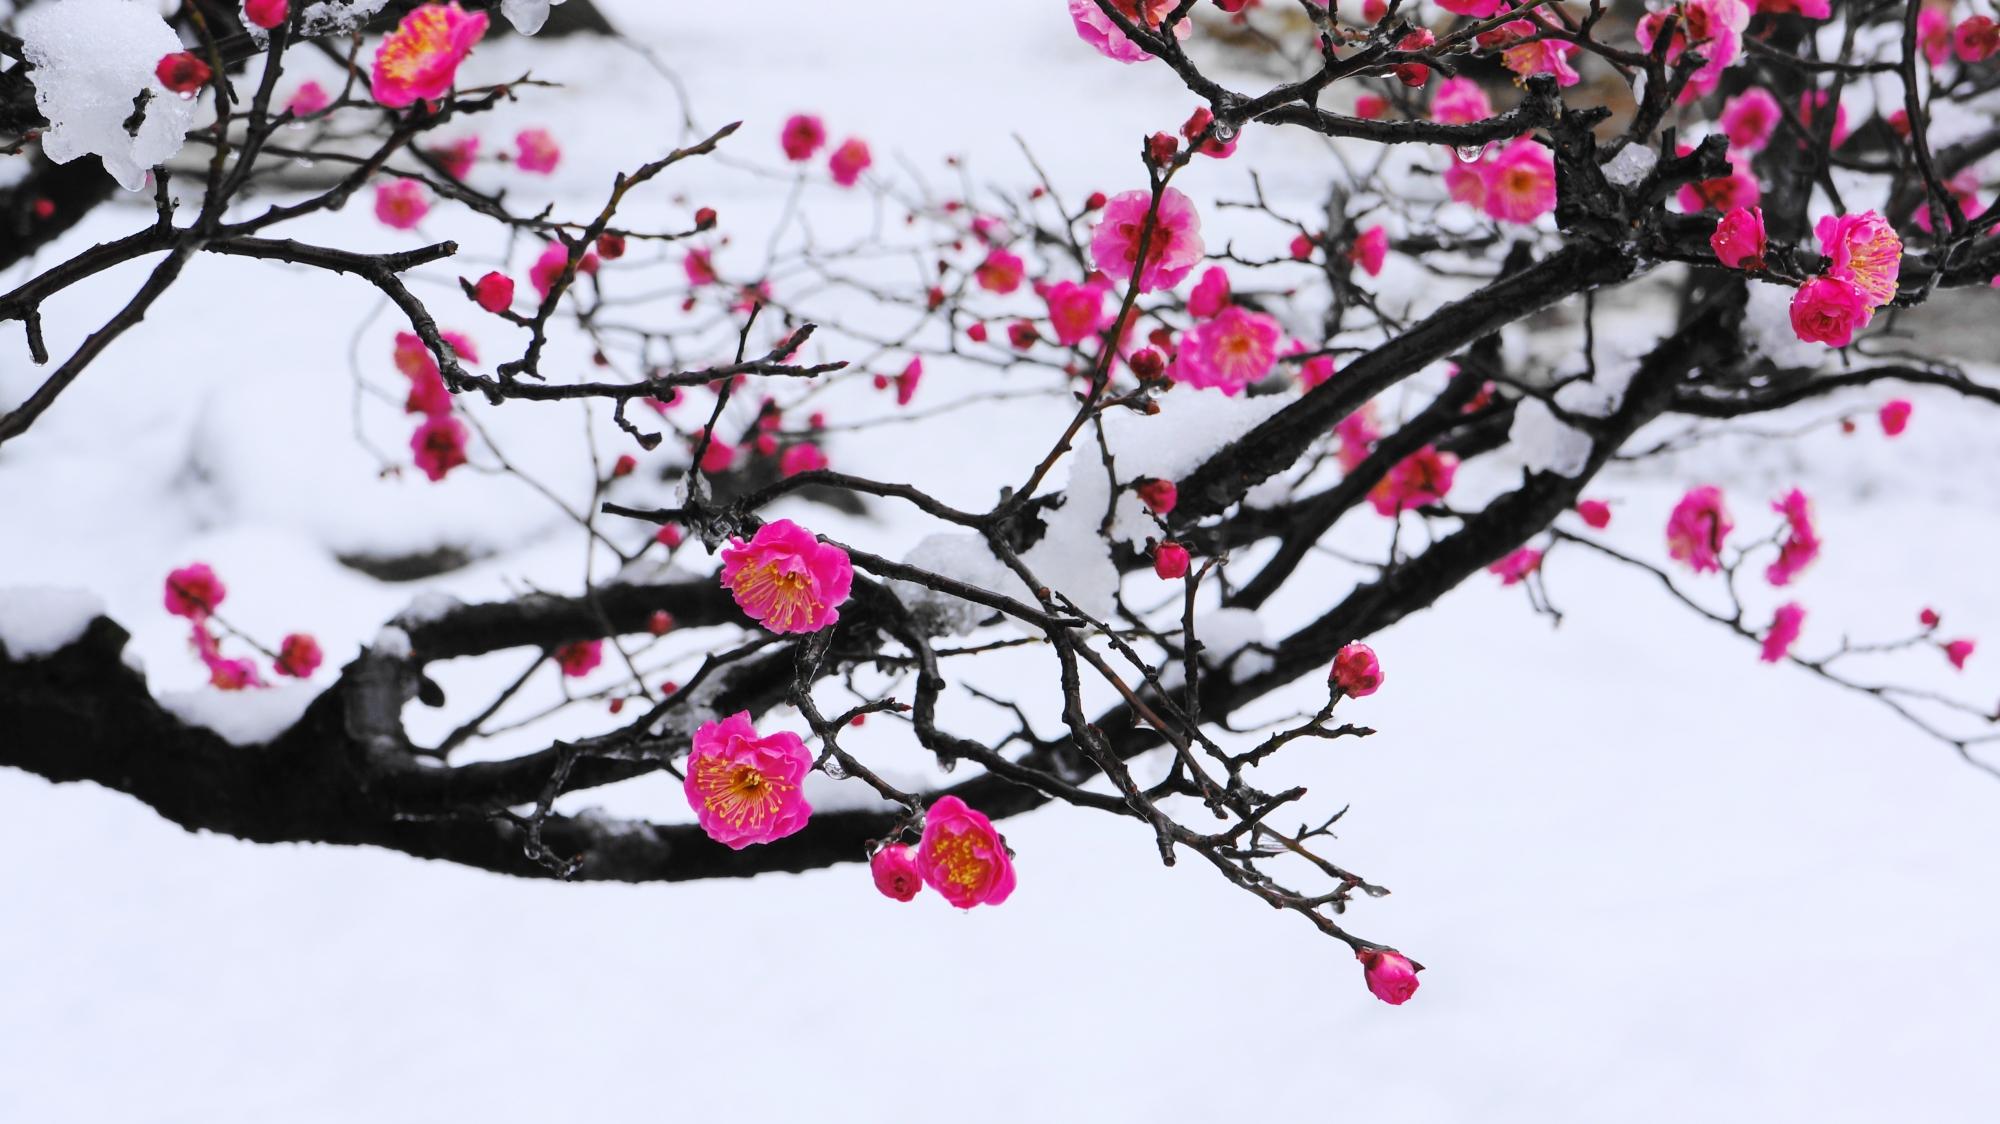 梅の木に咲く雪の花と梅の花